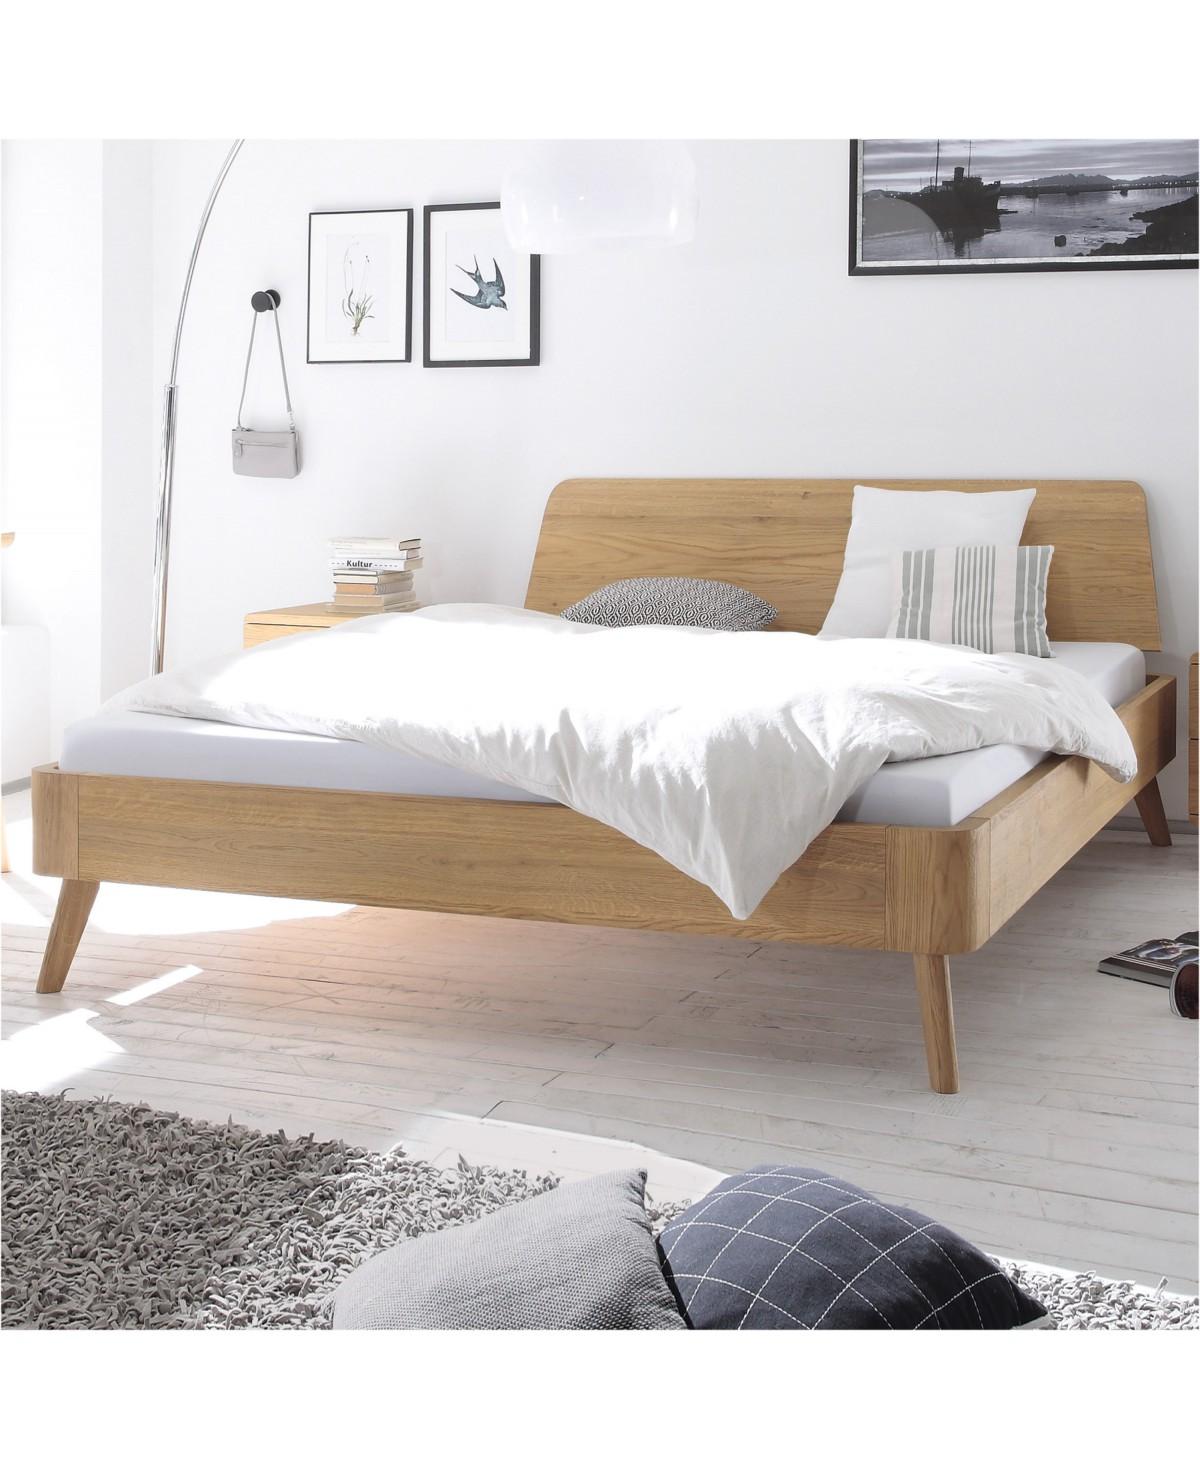 Full Size of Modernes Bett 180x200 Hasena Oak Bianco Eiche Masito 25 Kopfteil Edda Amerikanische Betten Bettkasten Stauraum 200x200 Ausklappbares Paidi Rückwand Massiv Bett Modernes Bett 180x200